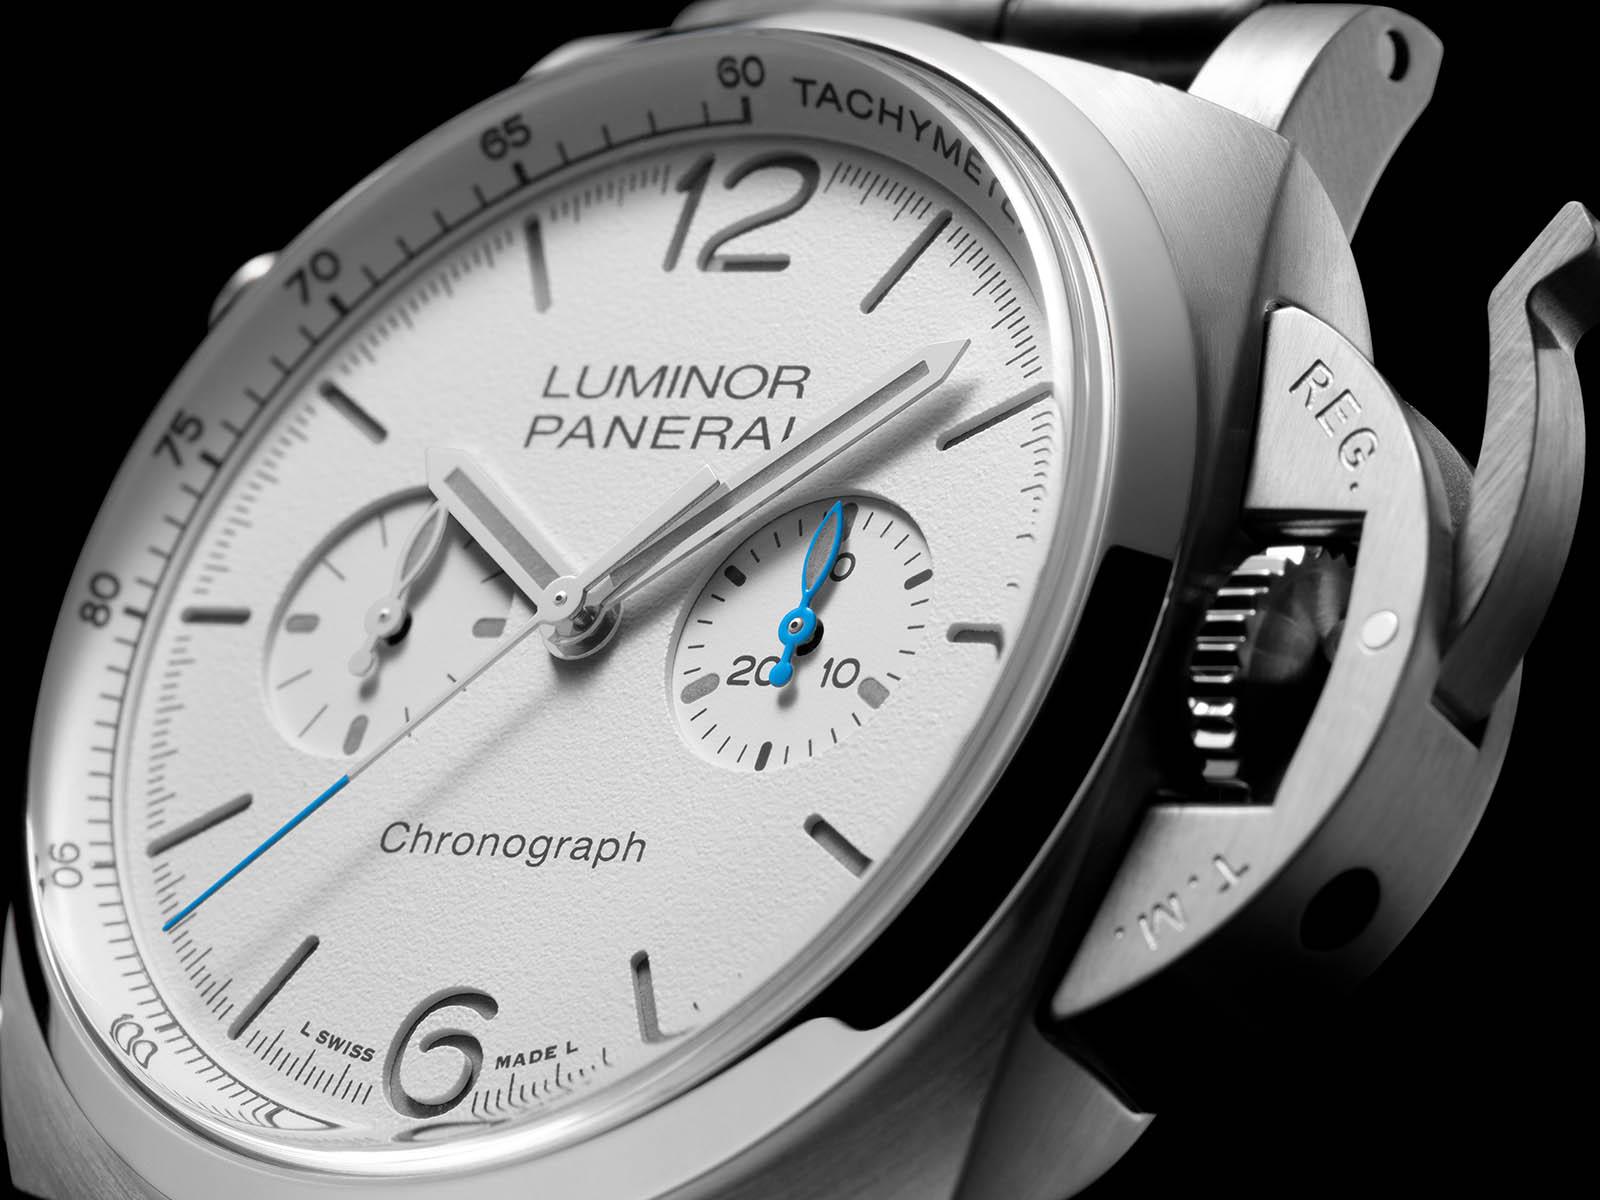 panerai-luminor-chrono-pam01109-pam01218-pam01110-5.jpg